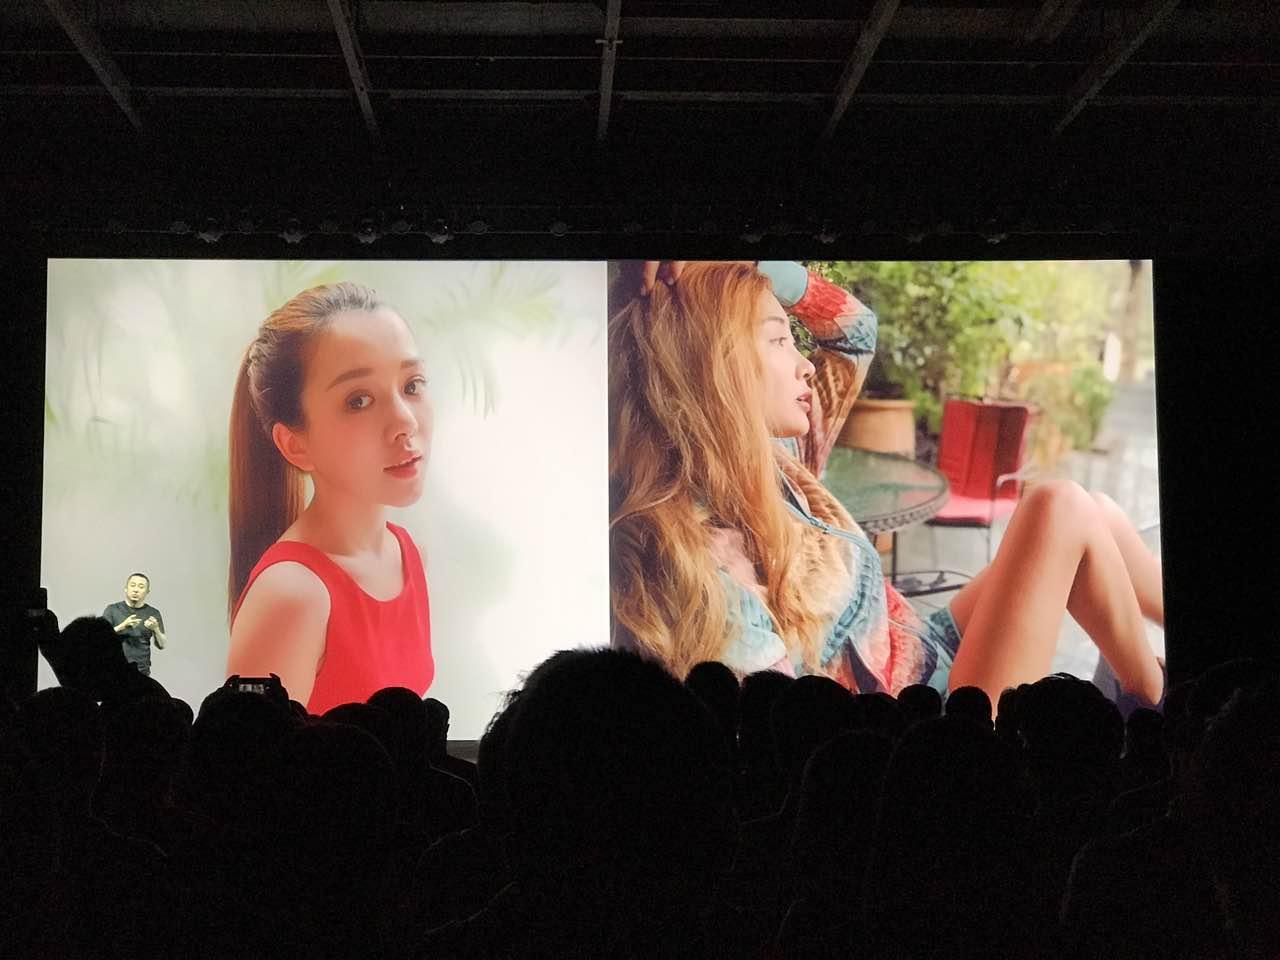 360N5s宣布公布:外置双摄像头 相位差自拍照,没有人会出其右!